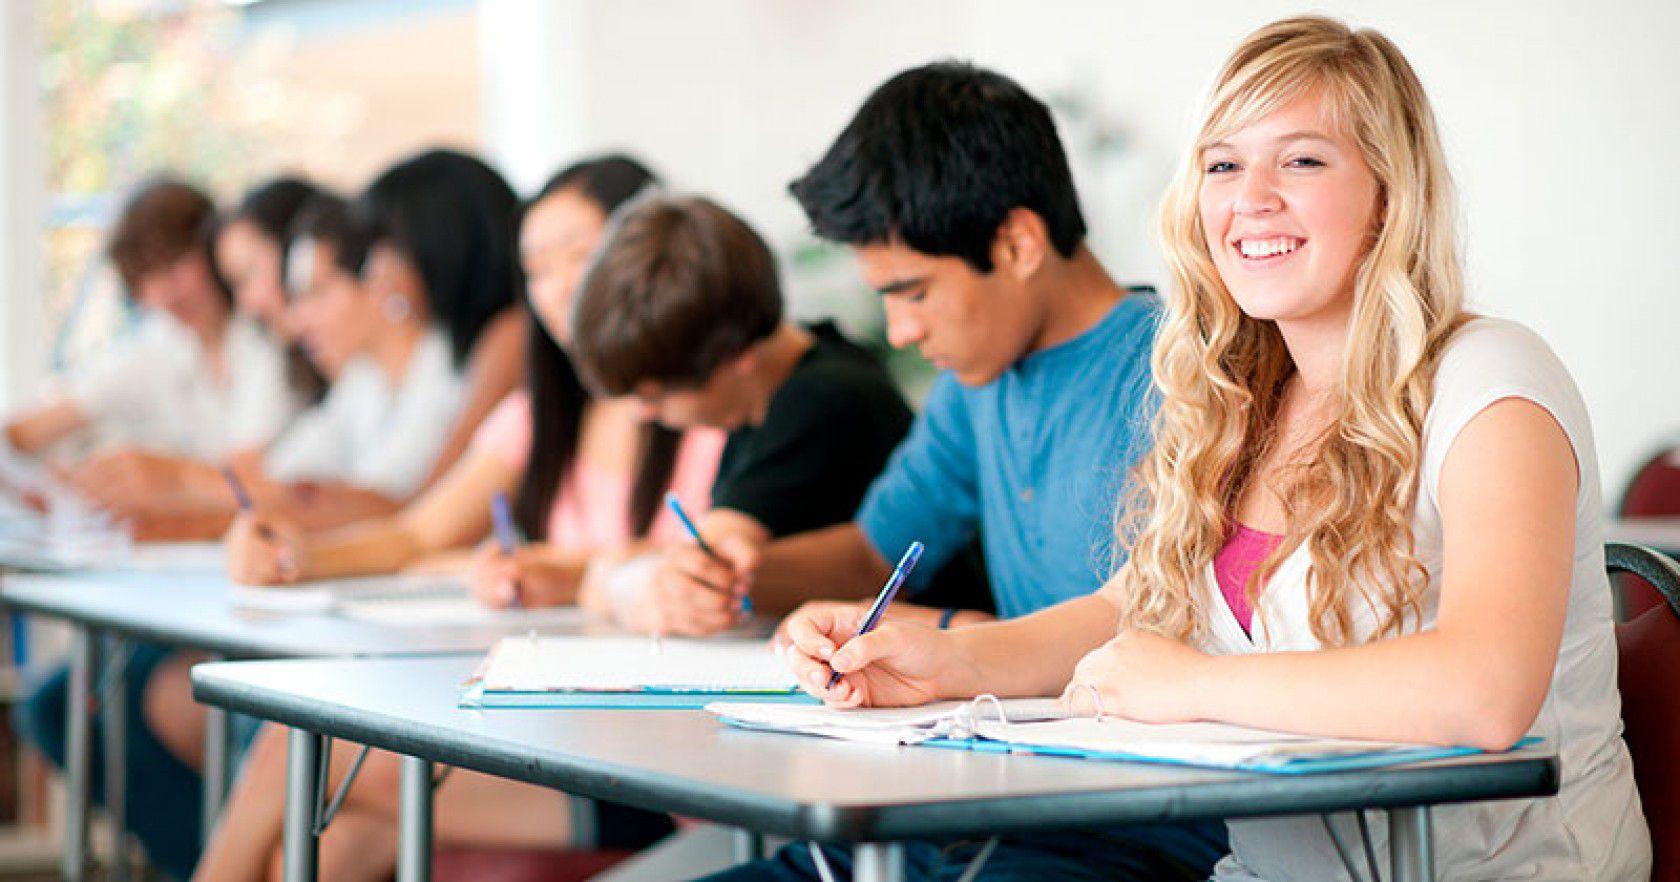 Avrupa'dan Alınan Lise Diplomasının Kariyerinize Etkisi Nasıl Olur?